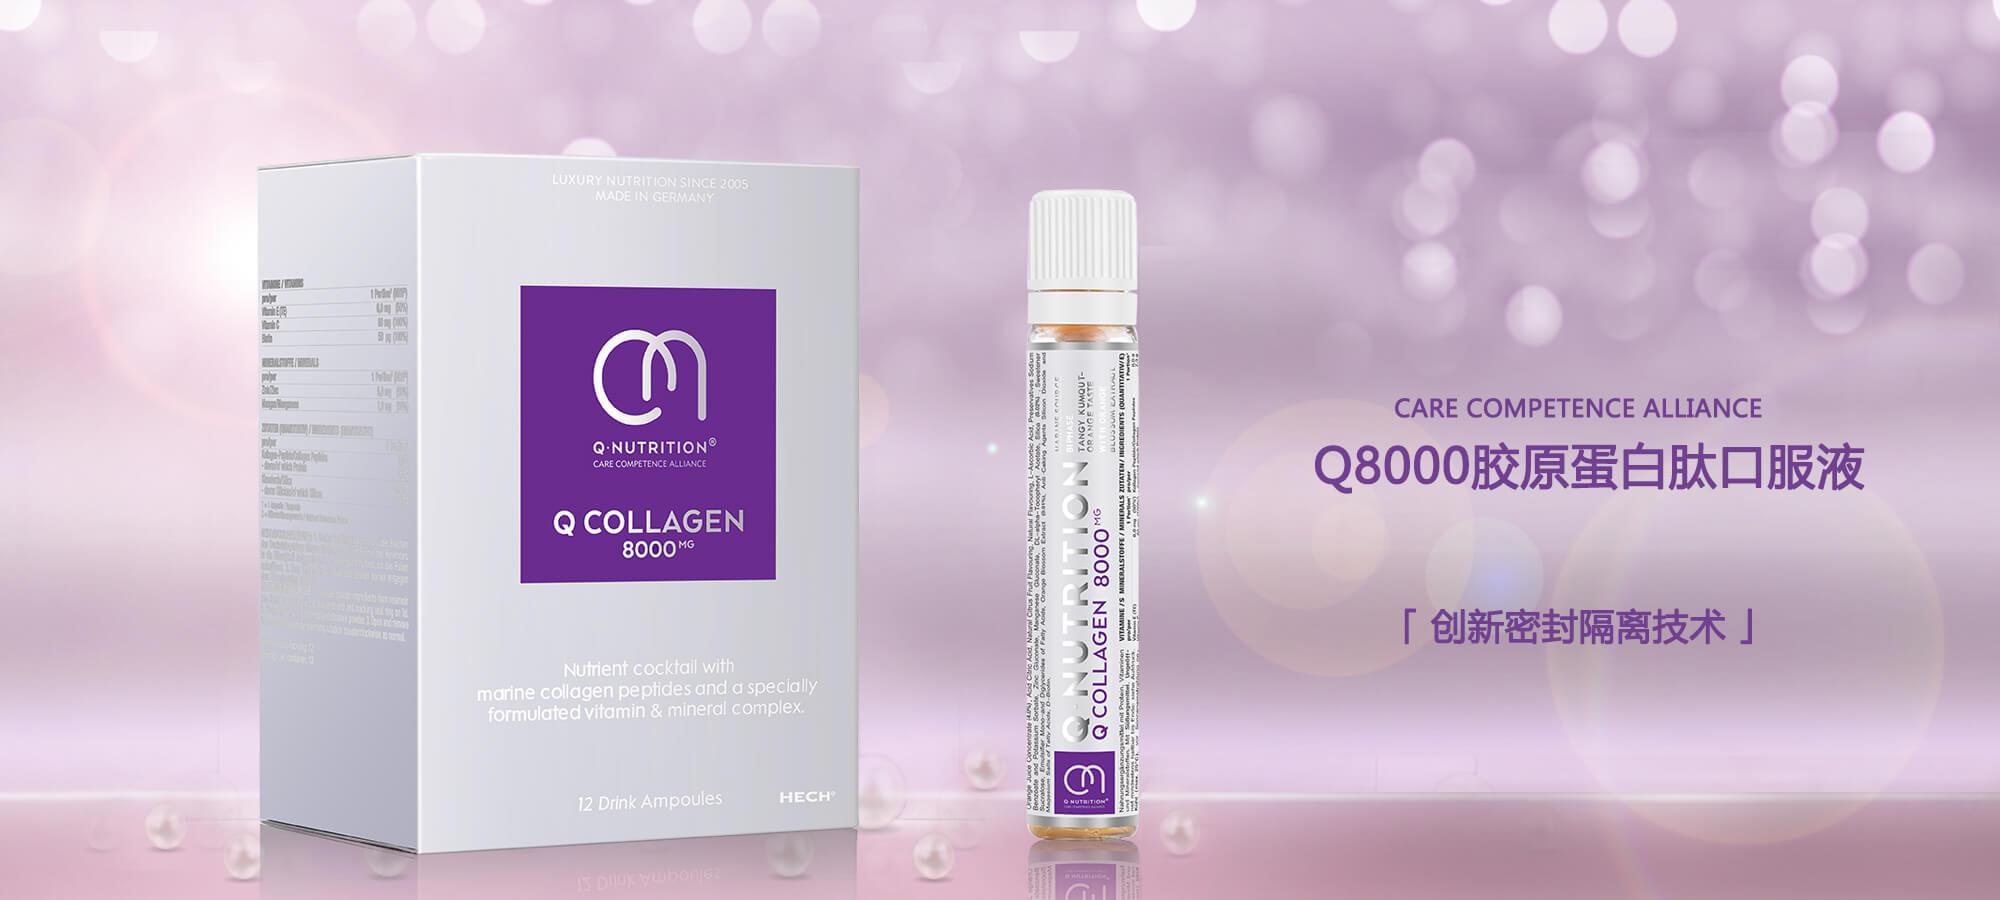 q8000活性胶原蛋白肽口服液 海报